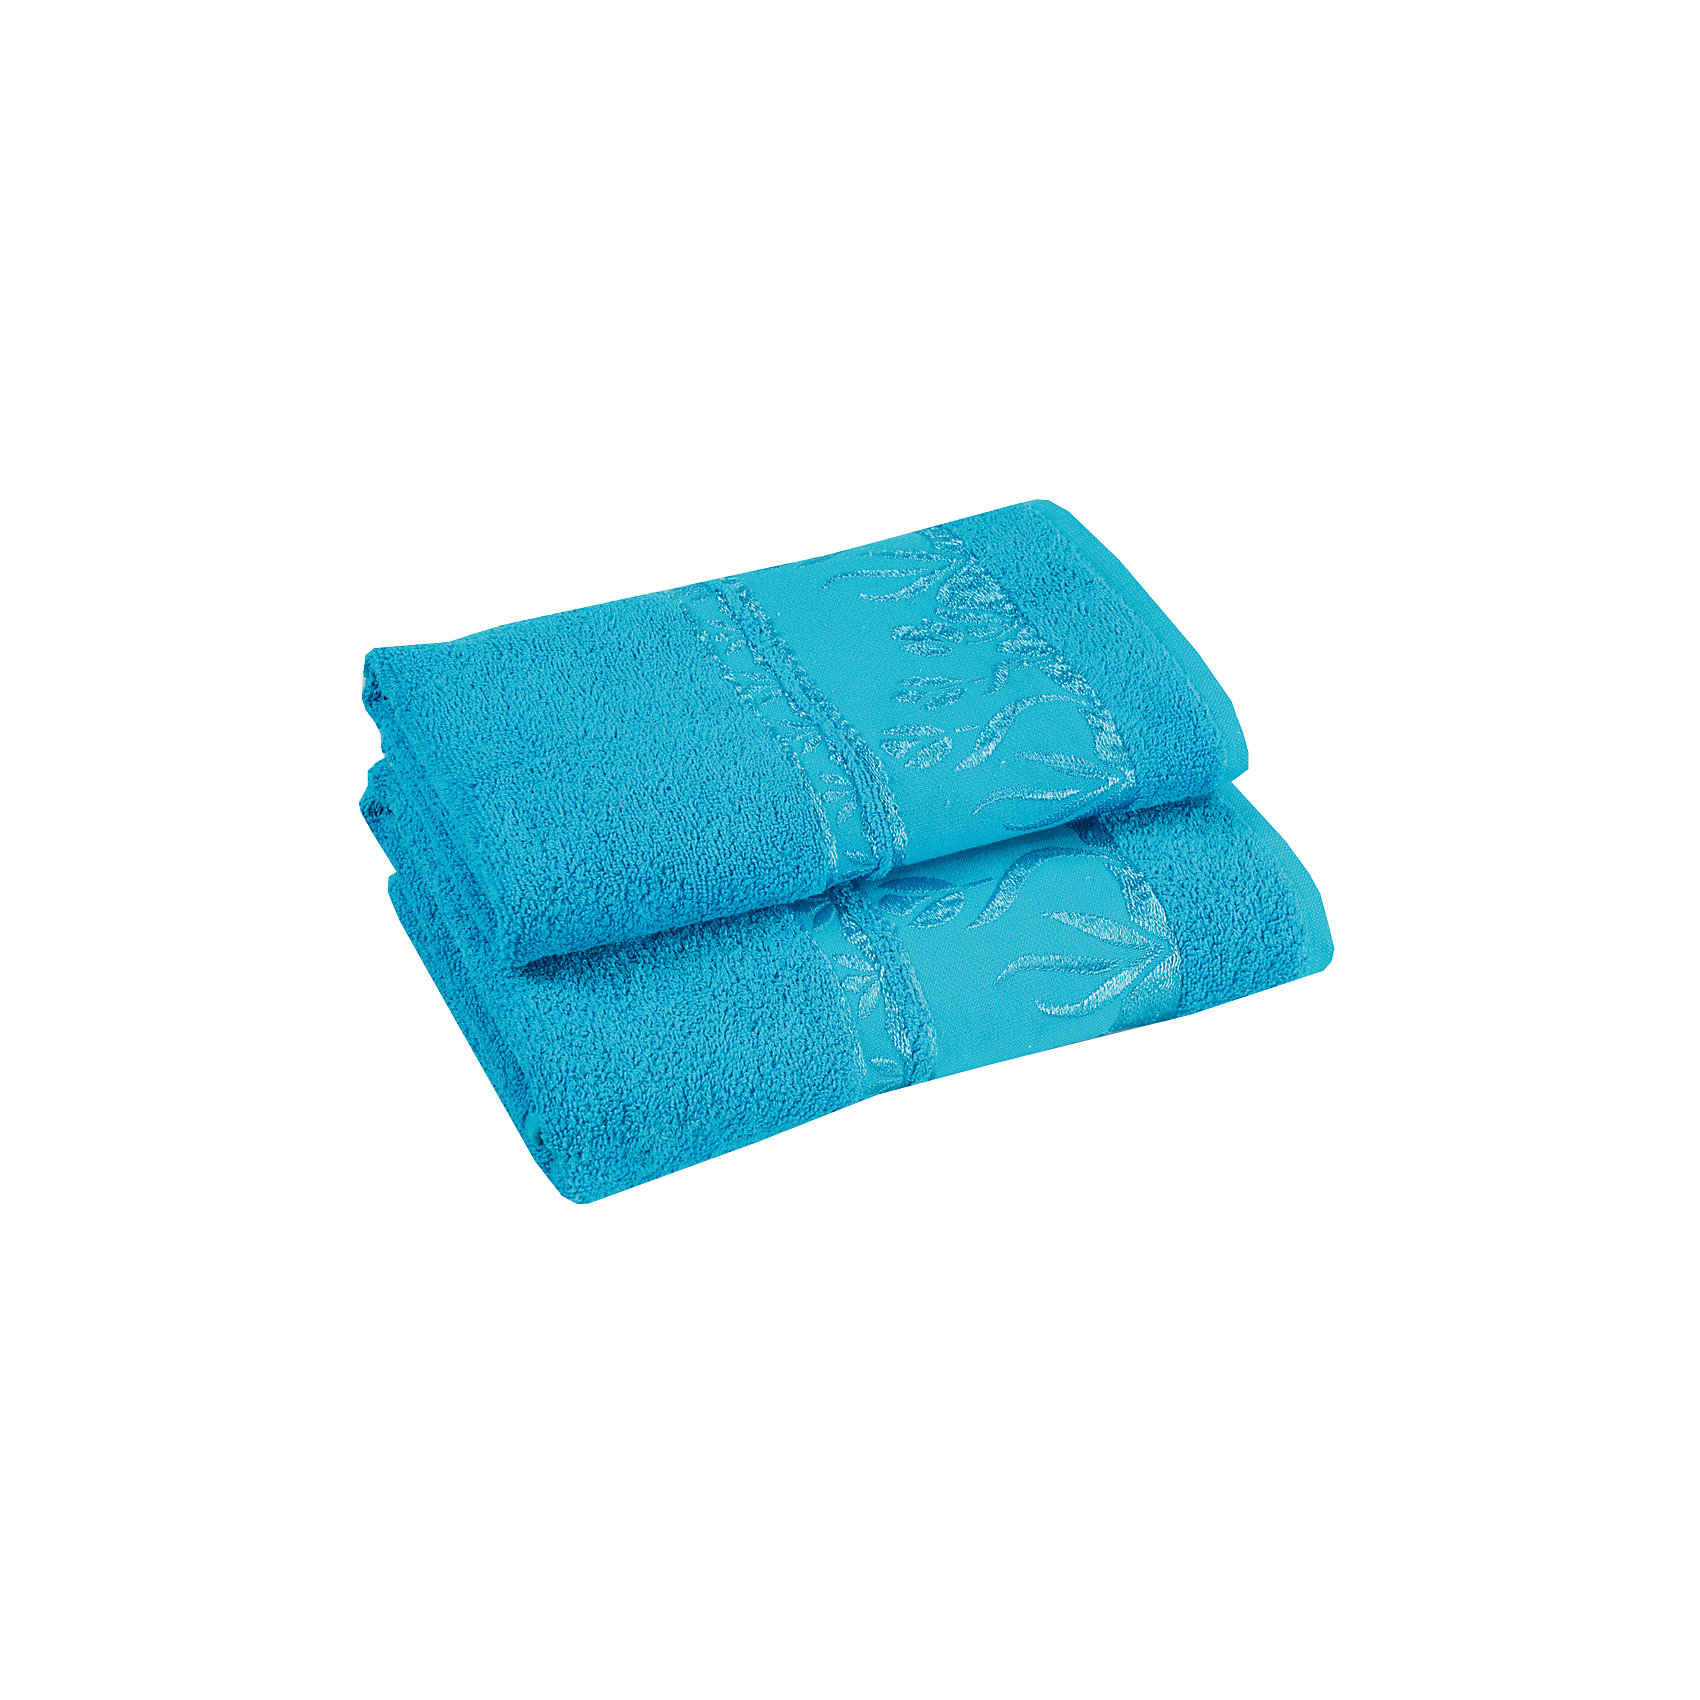 Полотенце махровое Tulips 50*100, Португалия, ярко-голубойДомашний текстиль<br>Tulips - махровое полотенце из натурального качественного хлопка. Она хорошо впитает влагу и подарит вам ощущение мягкости после водных процедур. Полотенце износостойкое и хорошо сохраняет цвет. Украшено жаккардовым узором. <br><br>Дополнительная информация:<br>Материал: 100% хлопок<br>Плотность: 500 г/м2<br>Размер: 50х100 см<br>Цвет: ярко-голубой<br>Торговая марка: Португалия<br><br>Вы можете приобрести махровое полотенце Tulips  в нашем интернет-магазине.<br><br>Ширина мм: 500<br>Глубина мм: 500<br>Высота мм: 200<br>Вес г: 350<br>Возраст от месяцев: 0<br>Возраст до месяцев: 144<br>Пол: Унисекс<br>Возраст: Детский<br>SKU: 5010948